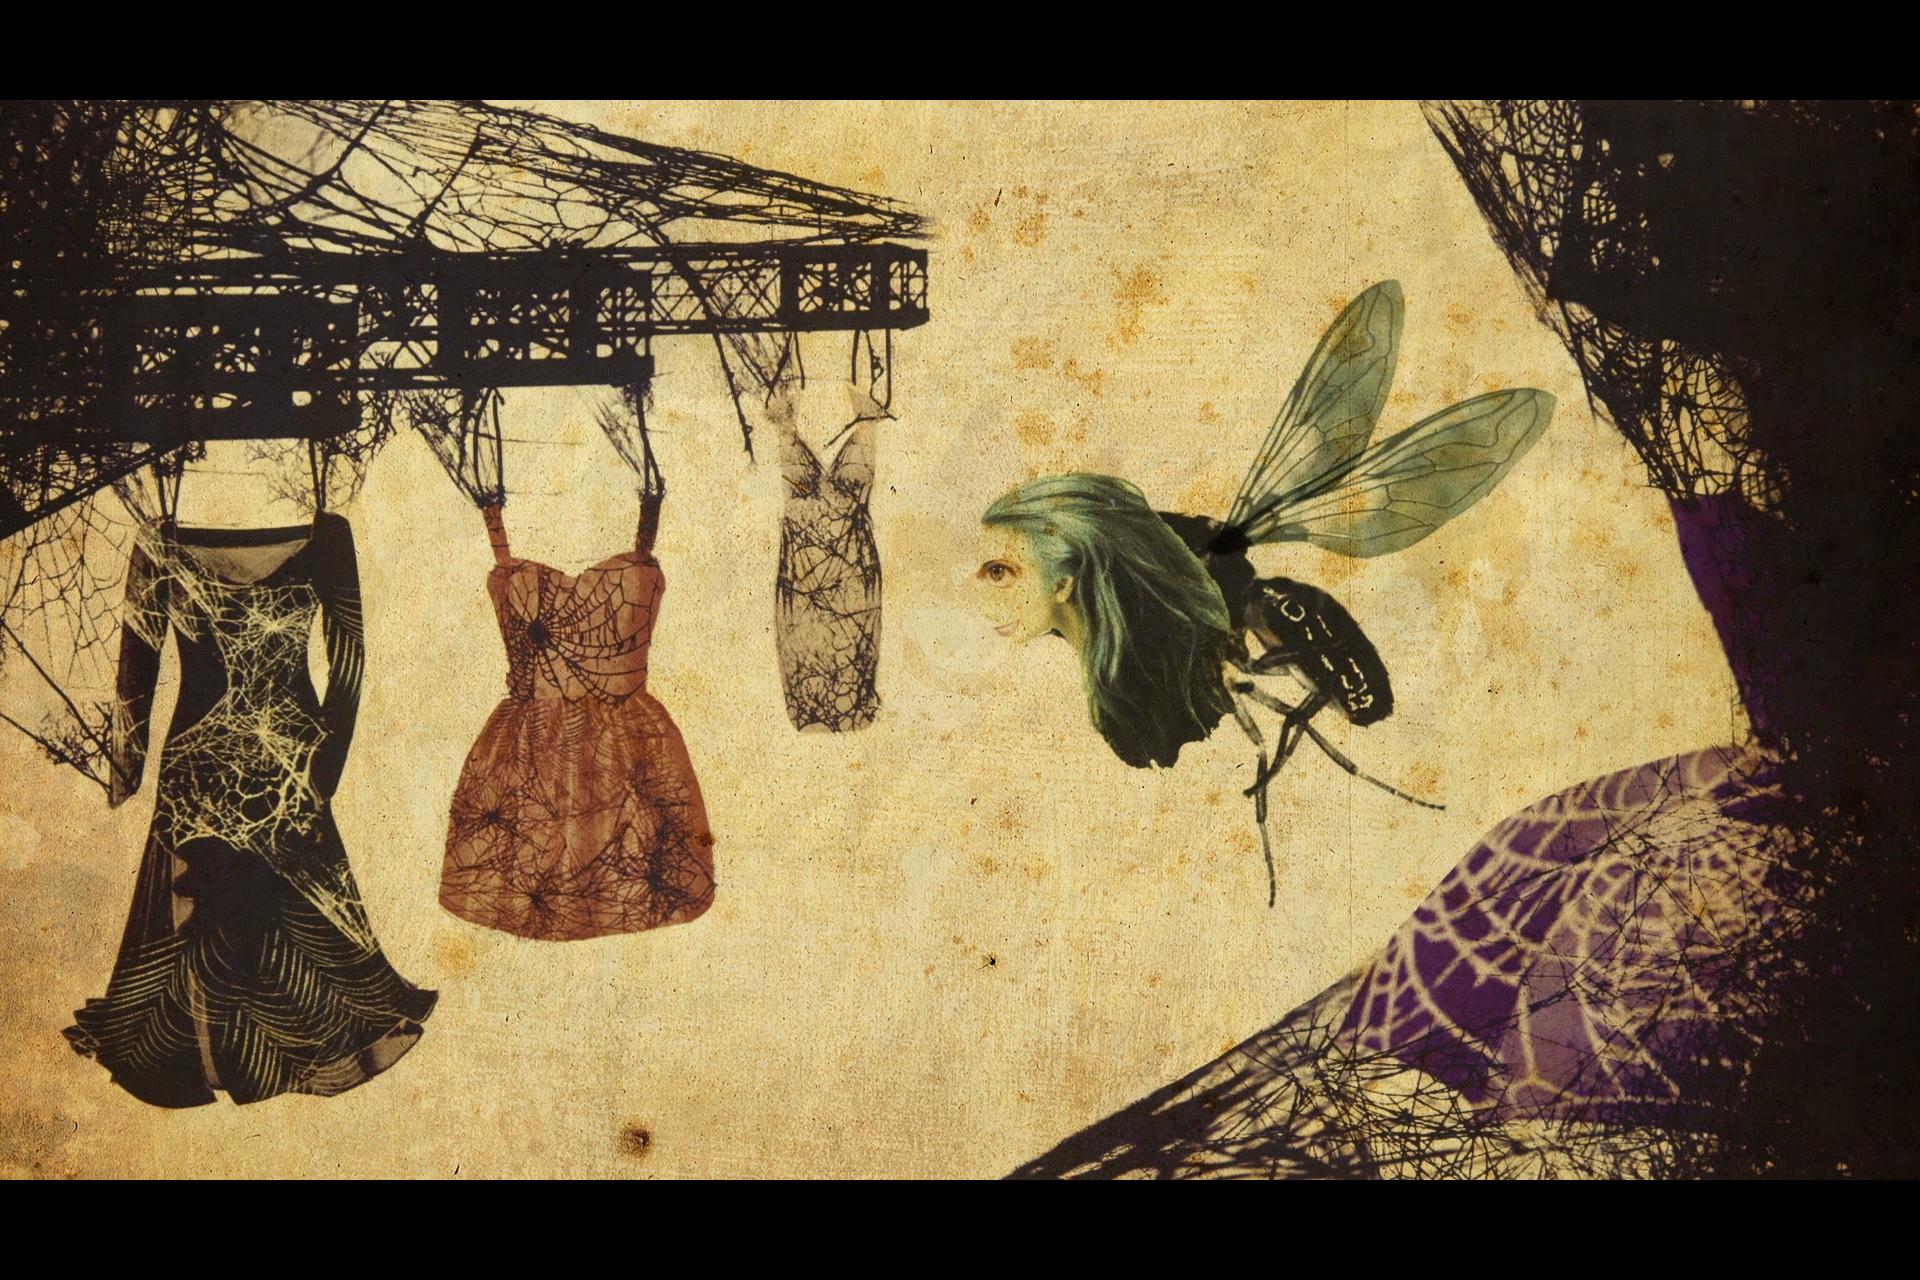 Kadr z filmu PajĄk i Muchy